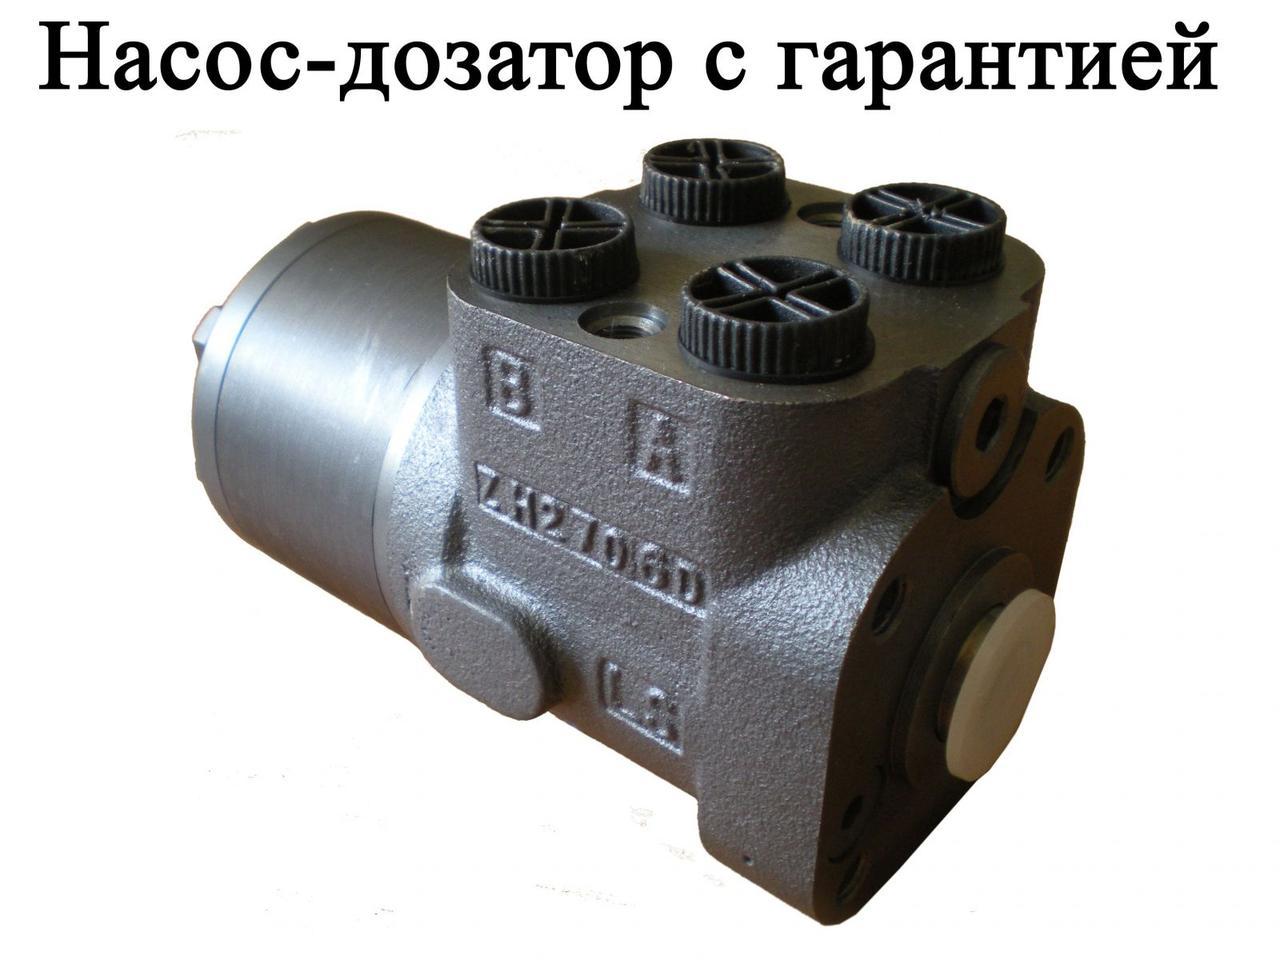 Насос дозатор, Гидроруль МТЗ ЮМЗ Т40 Т25 Т16 100/160 литров  Белорусь